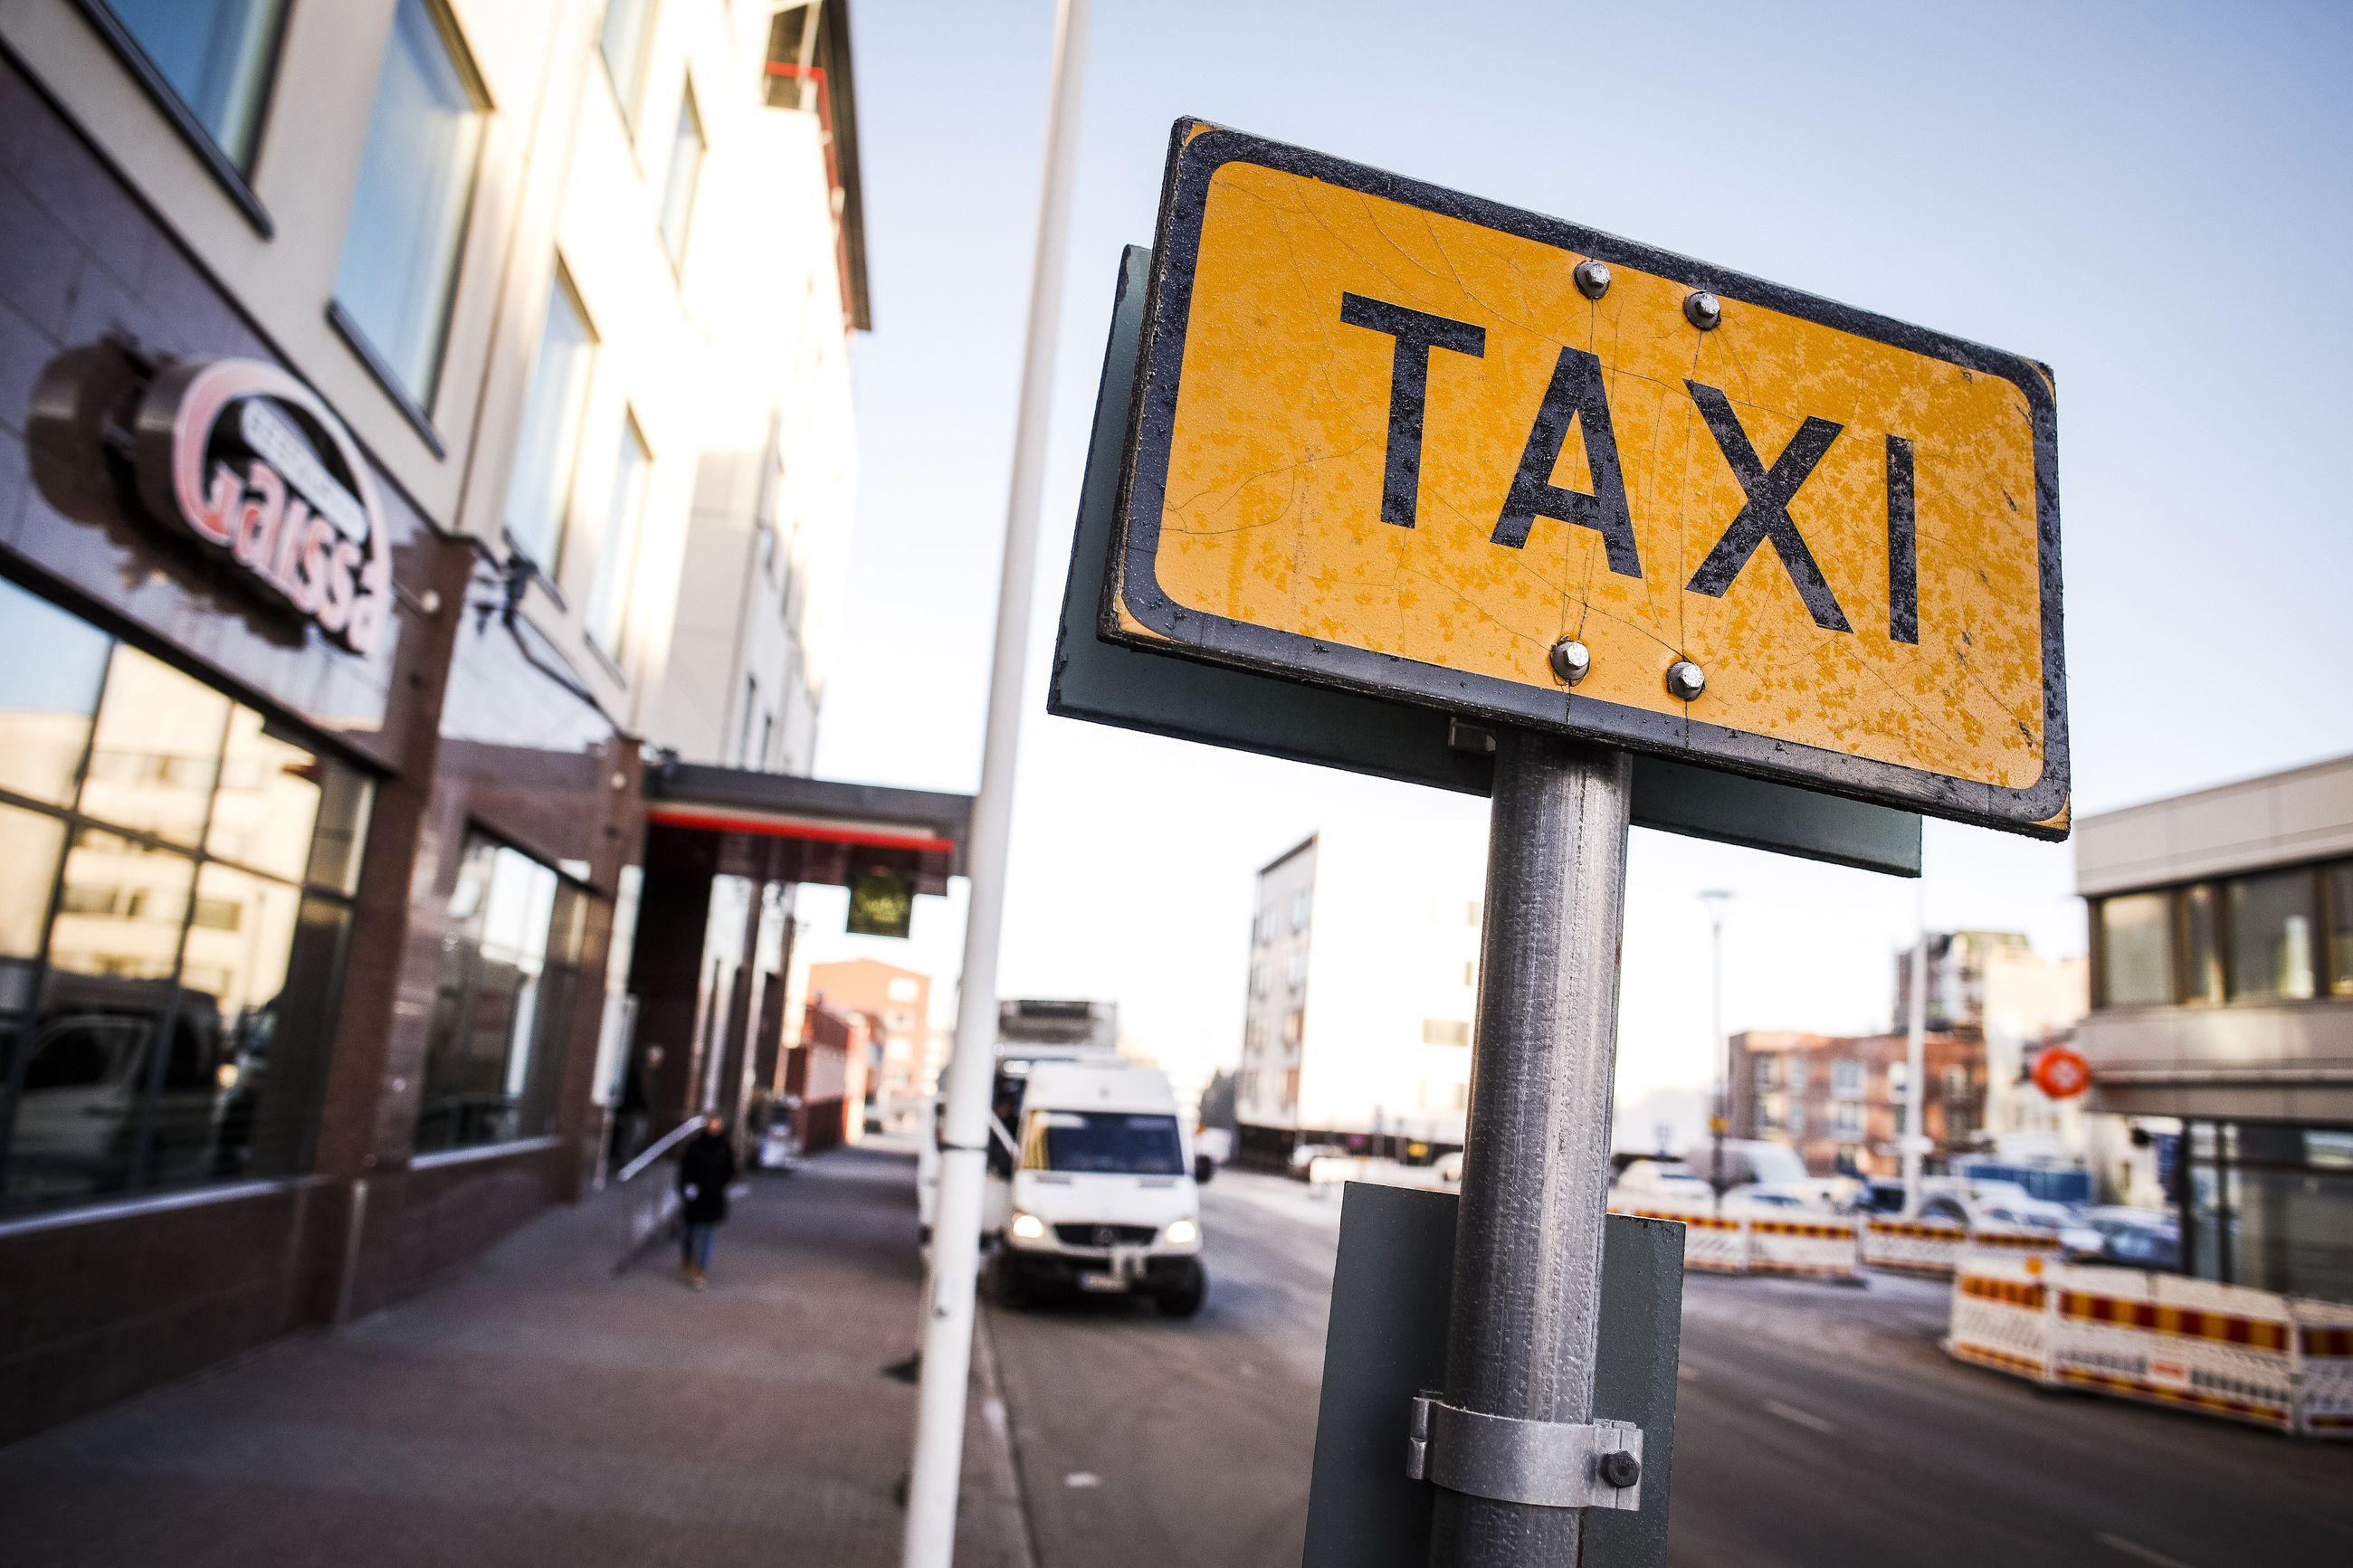 Taksilaki Uudistus